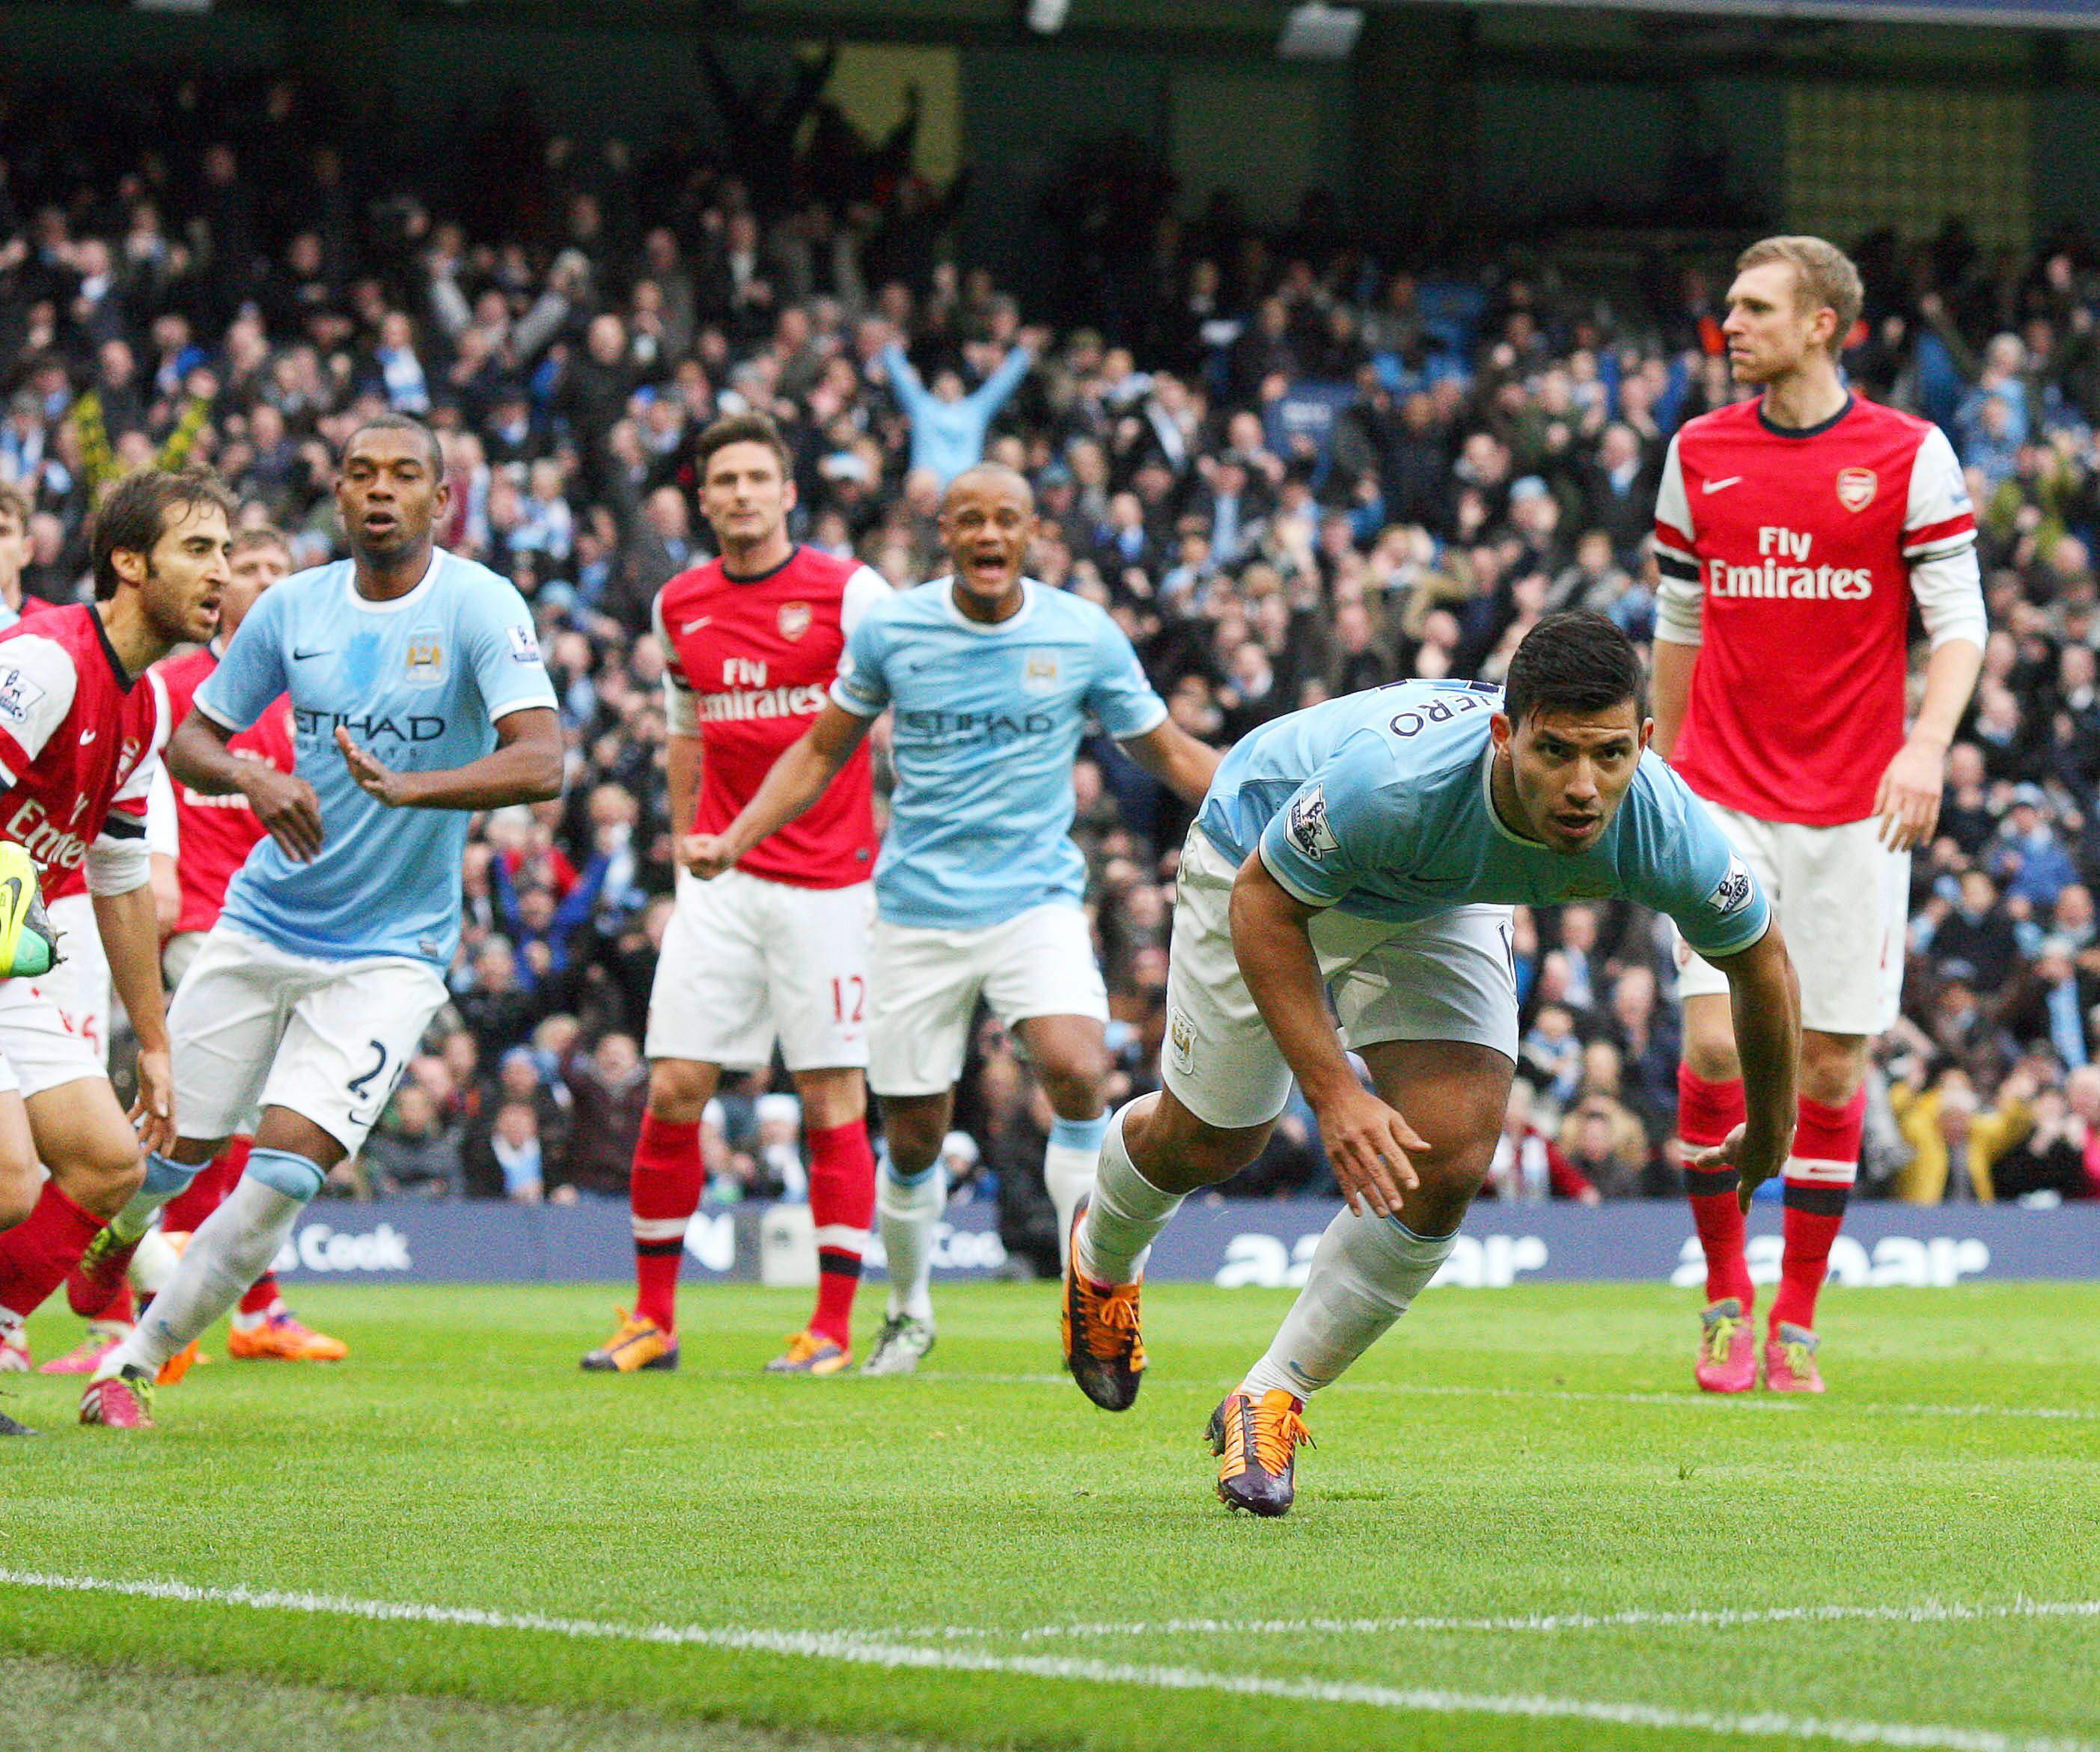 El Arsenal mantiene el liderato y el City gana el gran partido del »Boxing day»